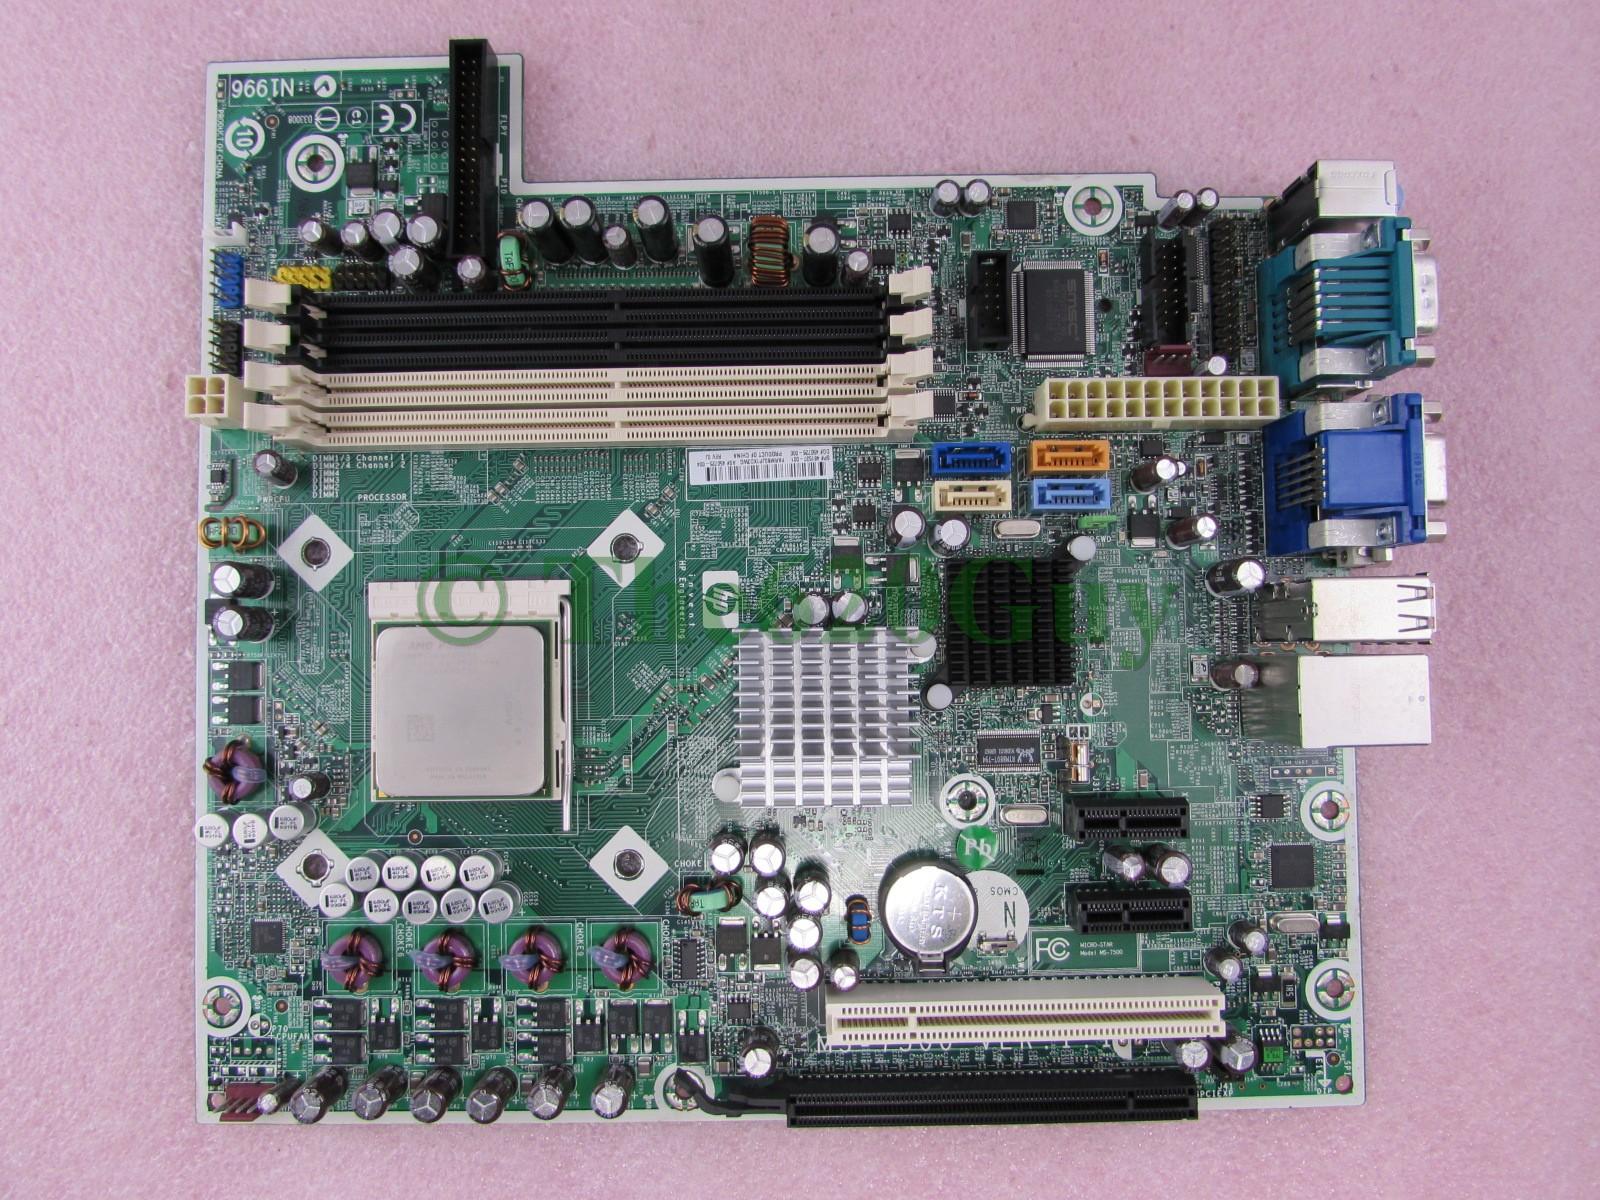 msi ms 7529 ver 1.1 motherboard manual